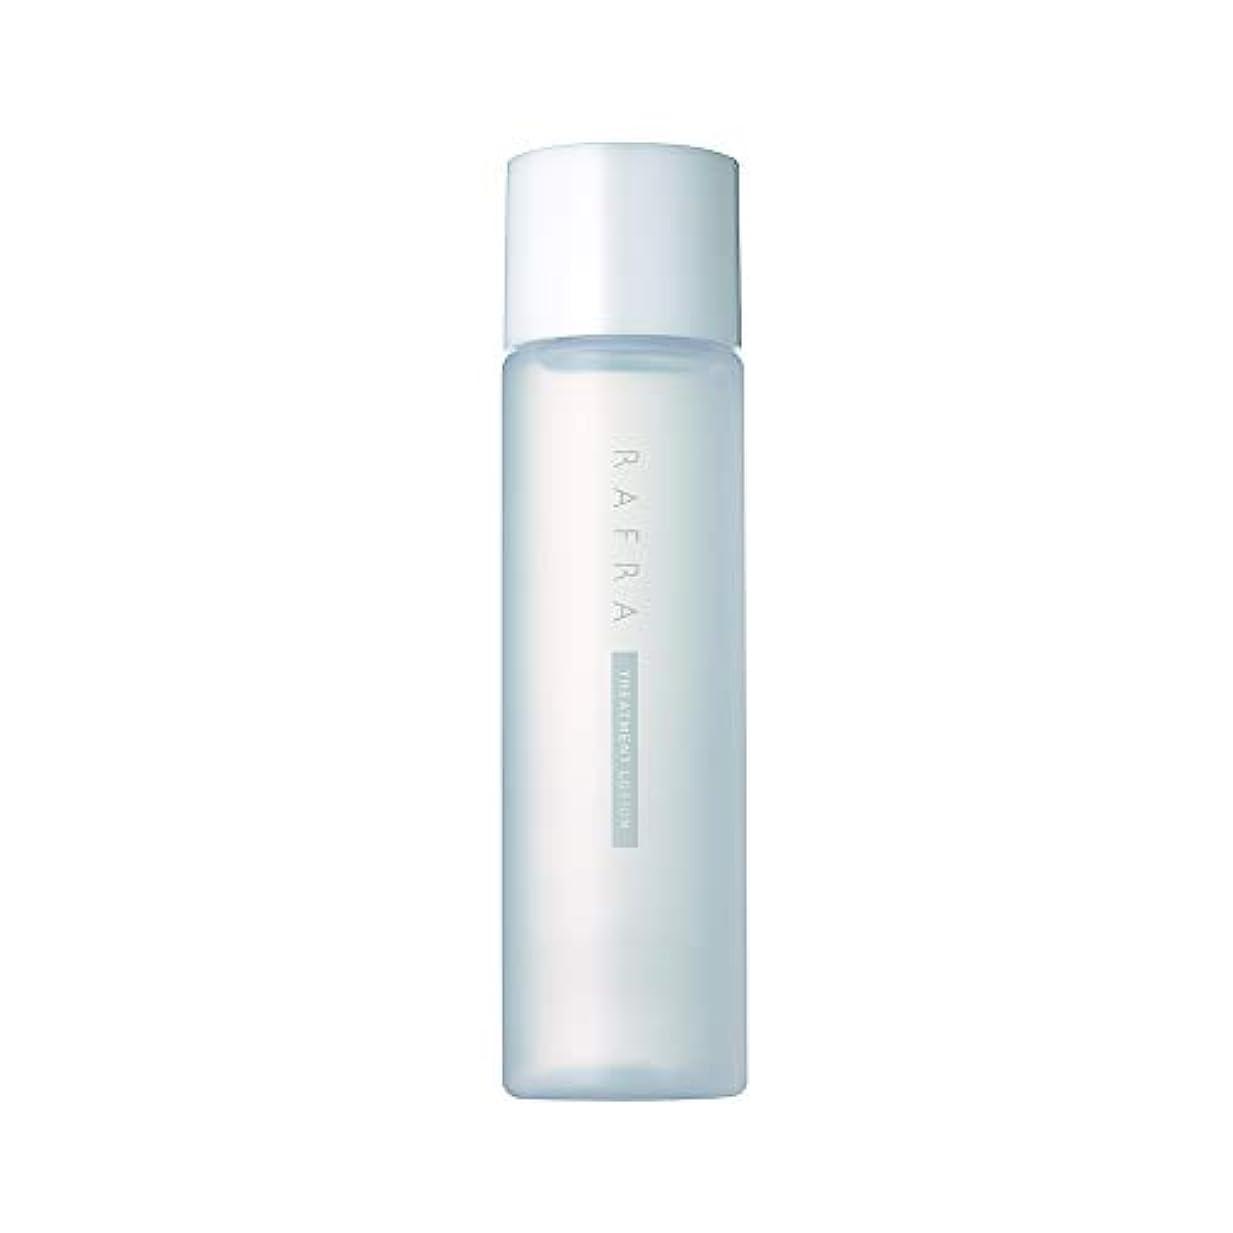 人工固有のあいまいラフラ トリートメントローション 150ml 化粧水 ブースター 導入液